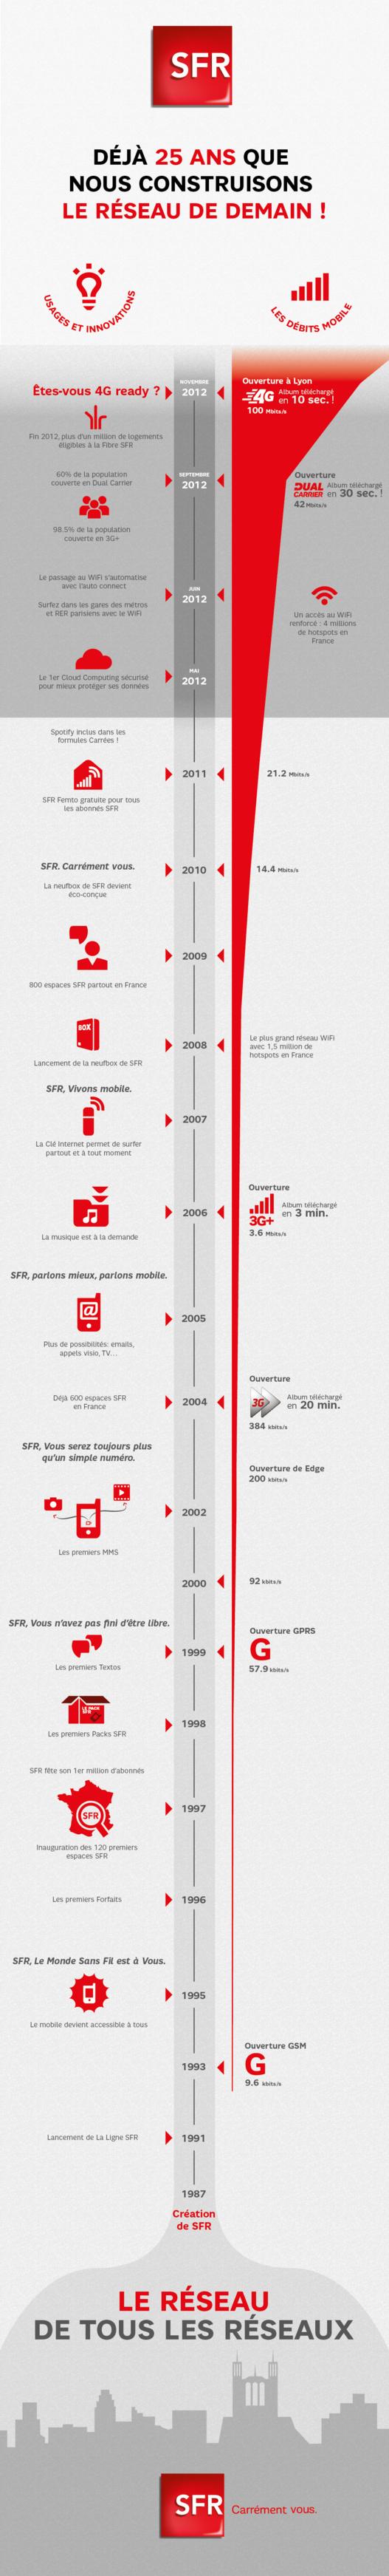 SFR - 25 ans d'histoire en 1 image